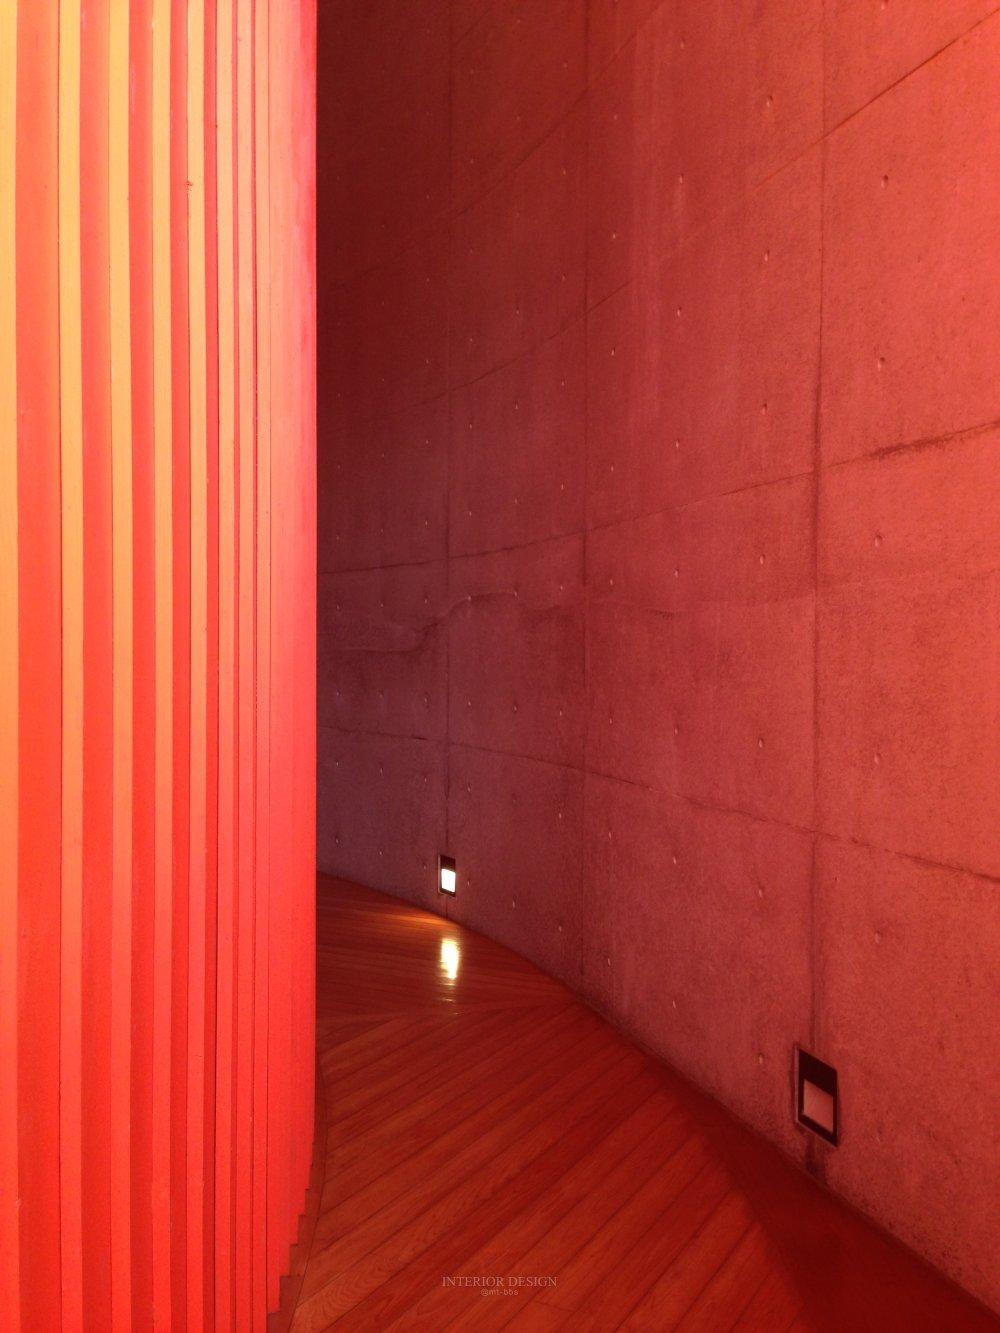 #伙伴一起看日本#  日本设计考察分享(更新美秀美术馆)_IMG_5208.JPG